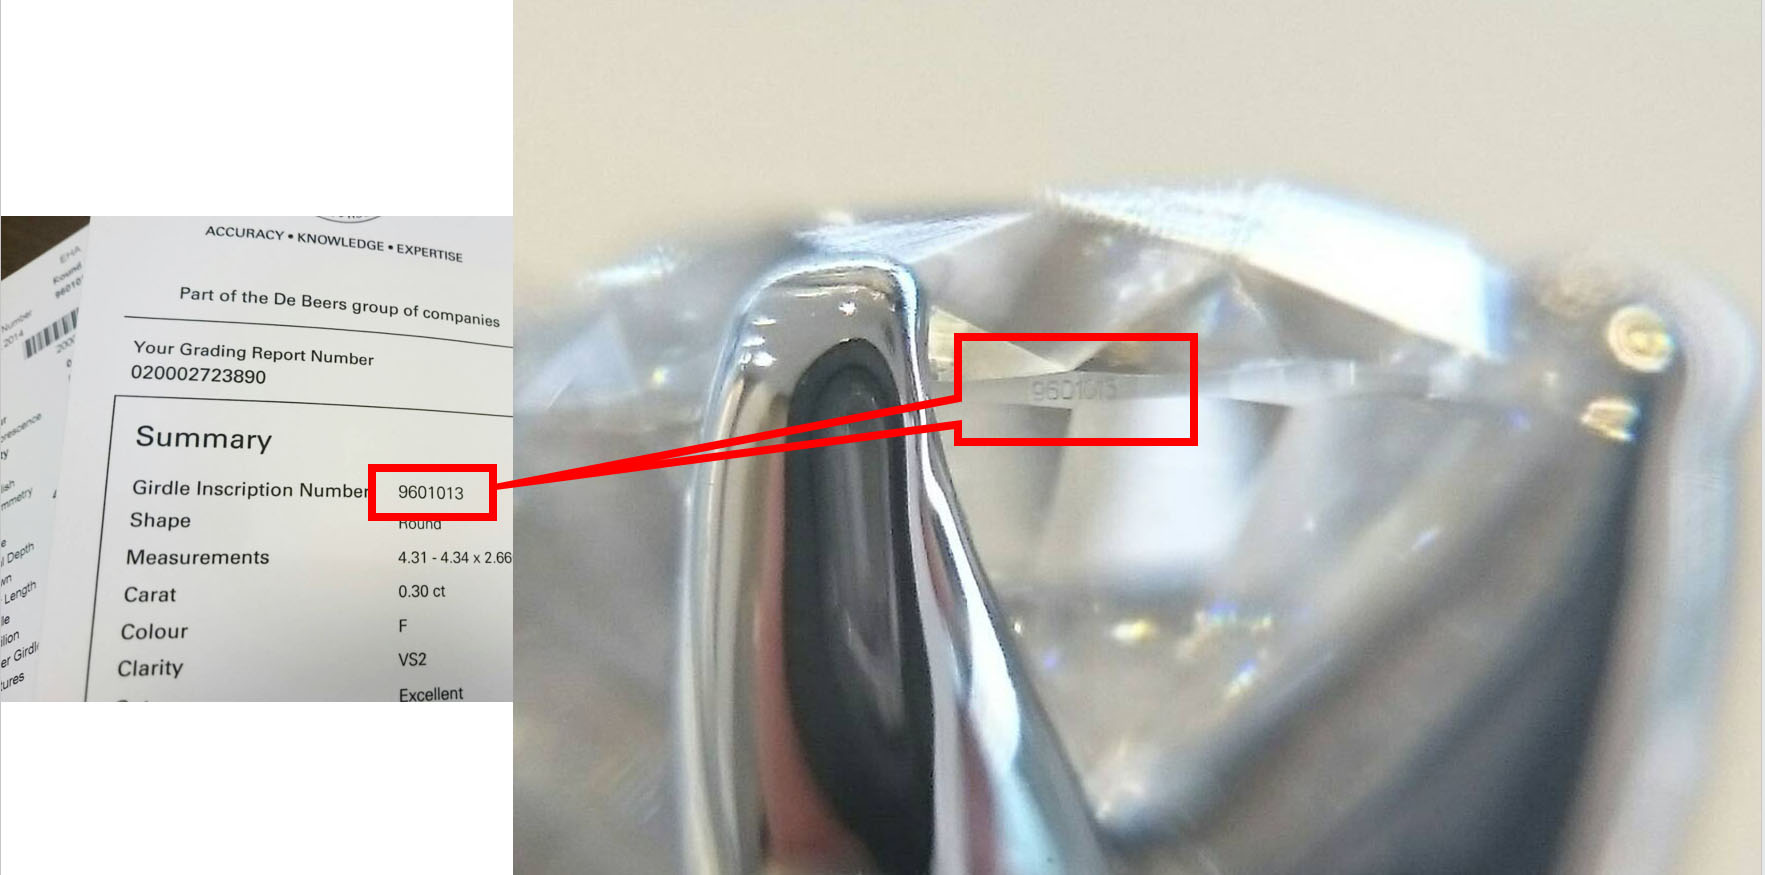 ガードルインスクリプションIIDGRダイヤモンドはデビアスグループ婚約リングにはアントワープブリリアント銀座